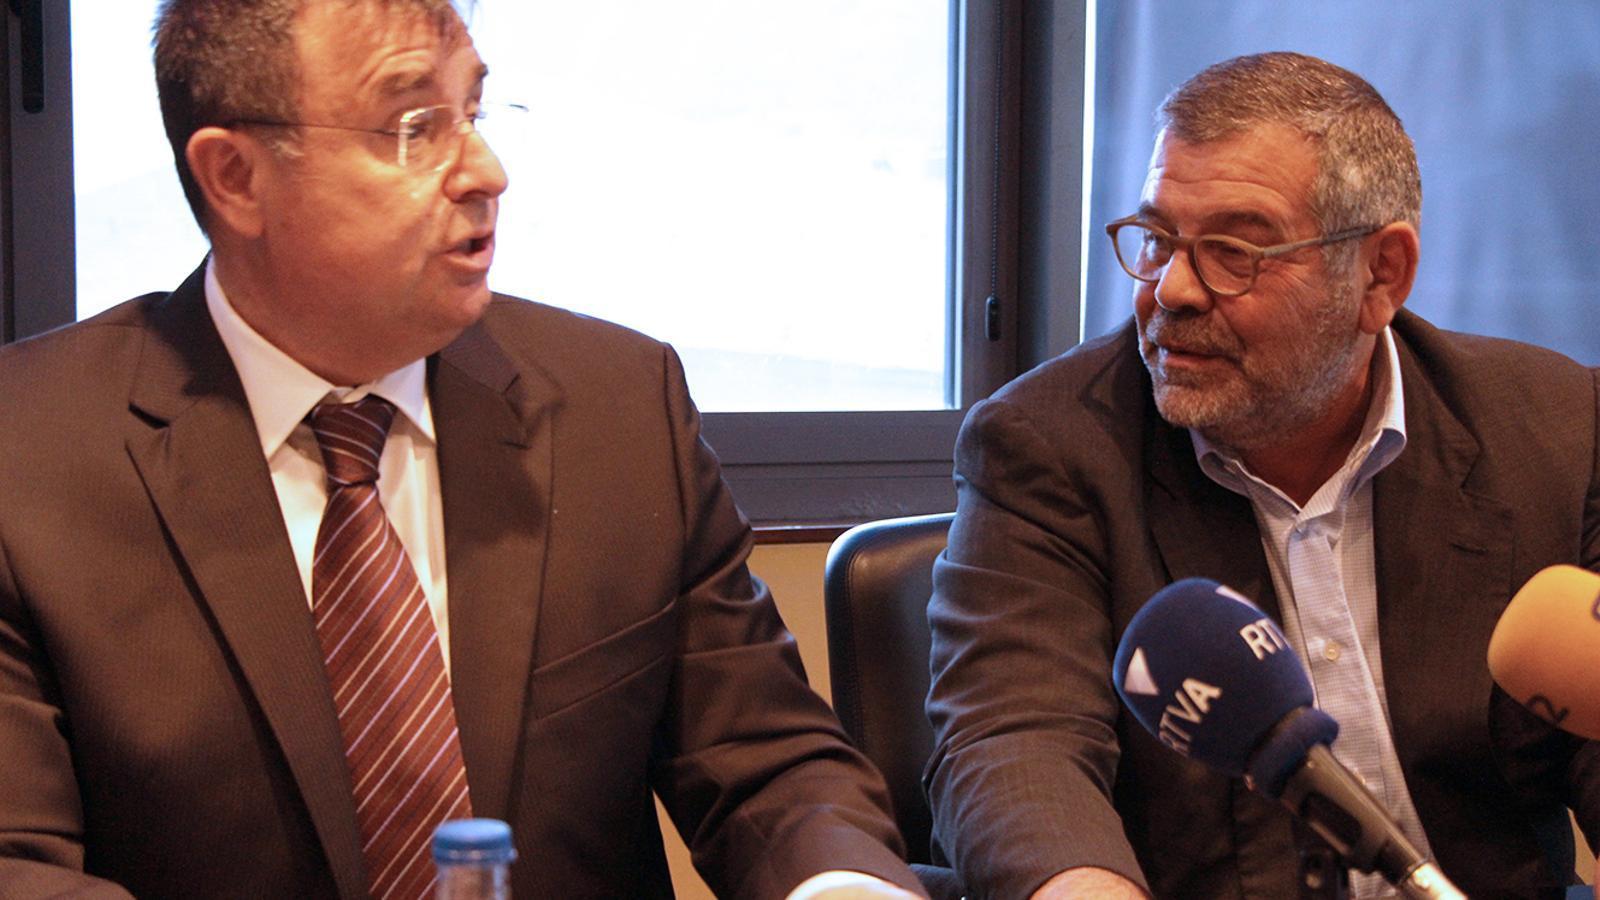 El president de la comissió gestora del fons de jubilació de la CASS, Josep Delgado, i el president de la parapública, Jean-Michel Rascagneres. / B. N.